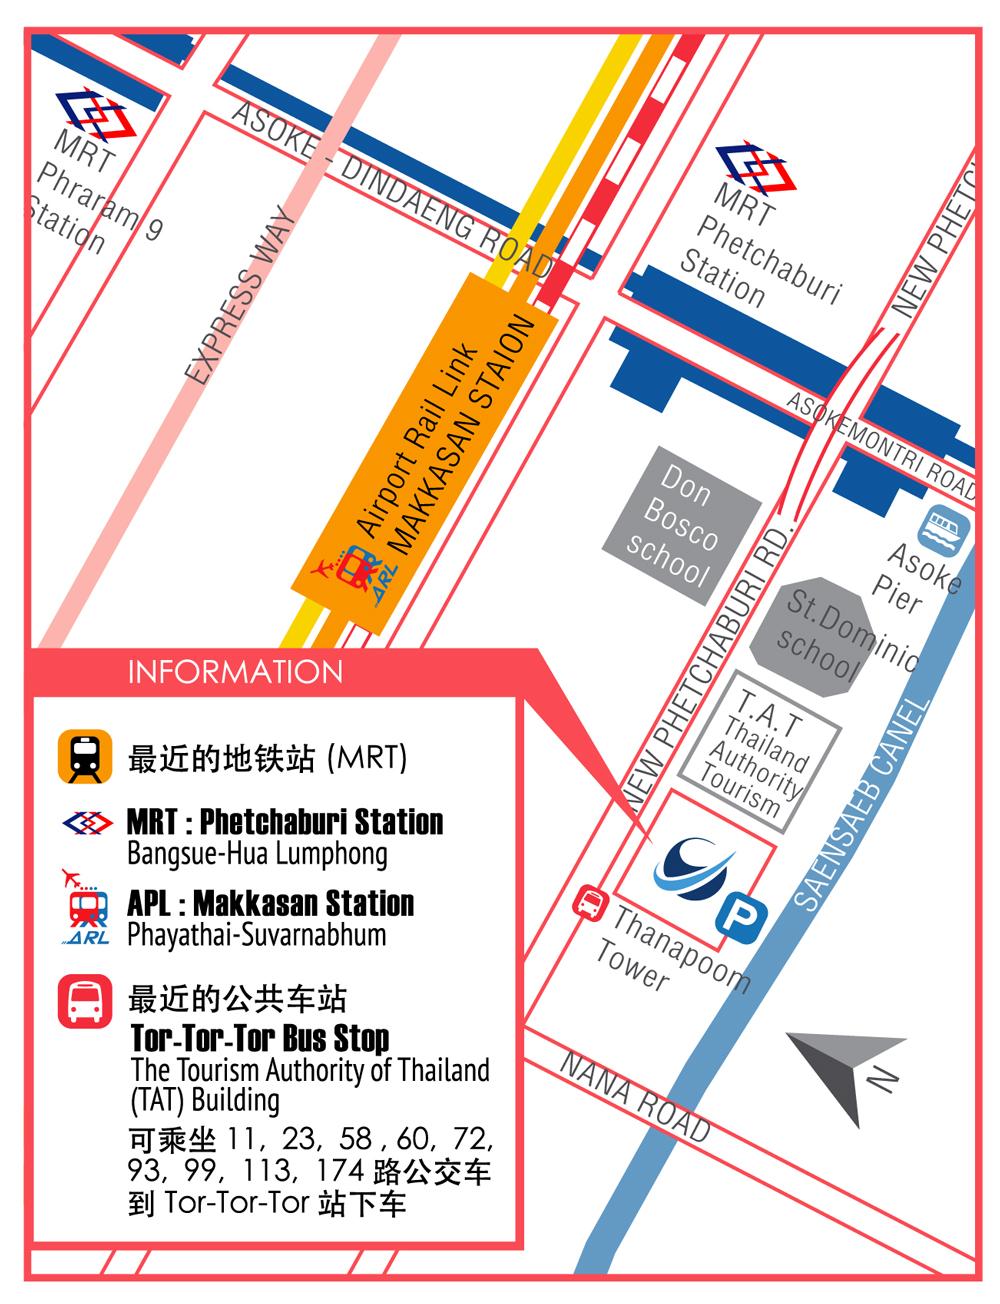 China Visa Application Service Center Bangkok Map The Wayfaring Soul